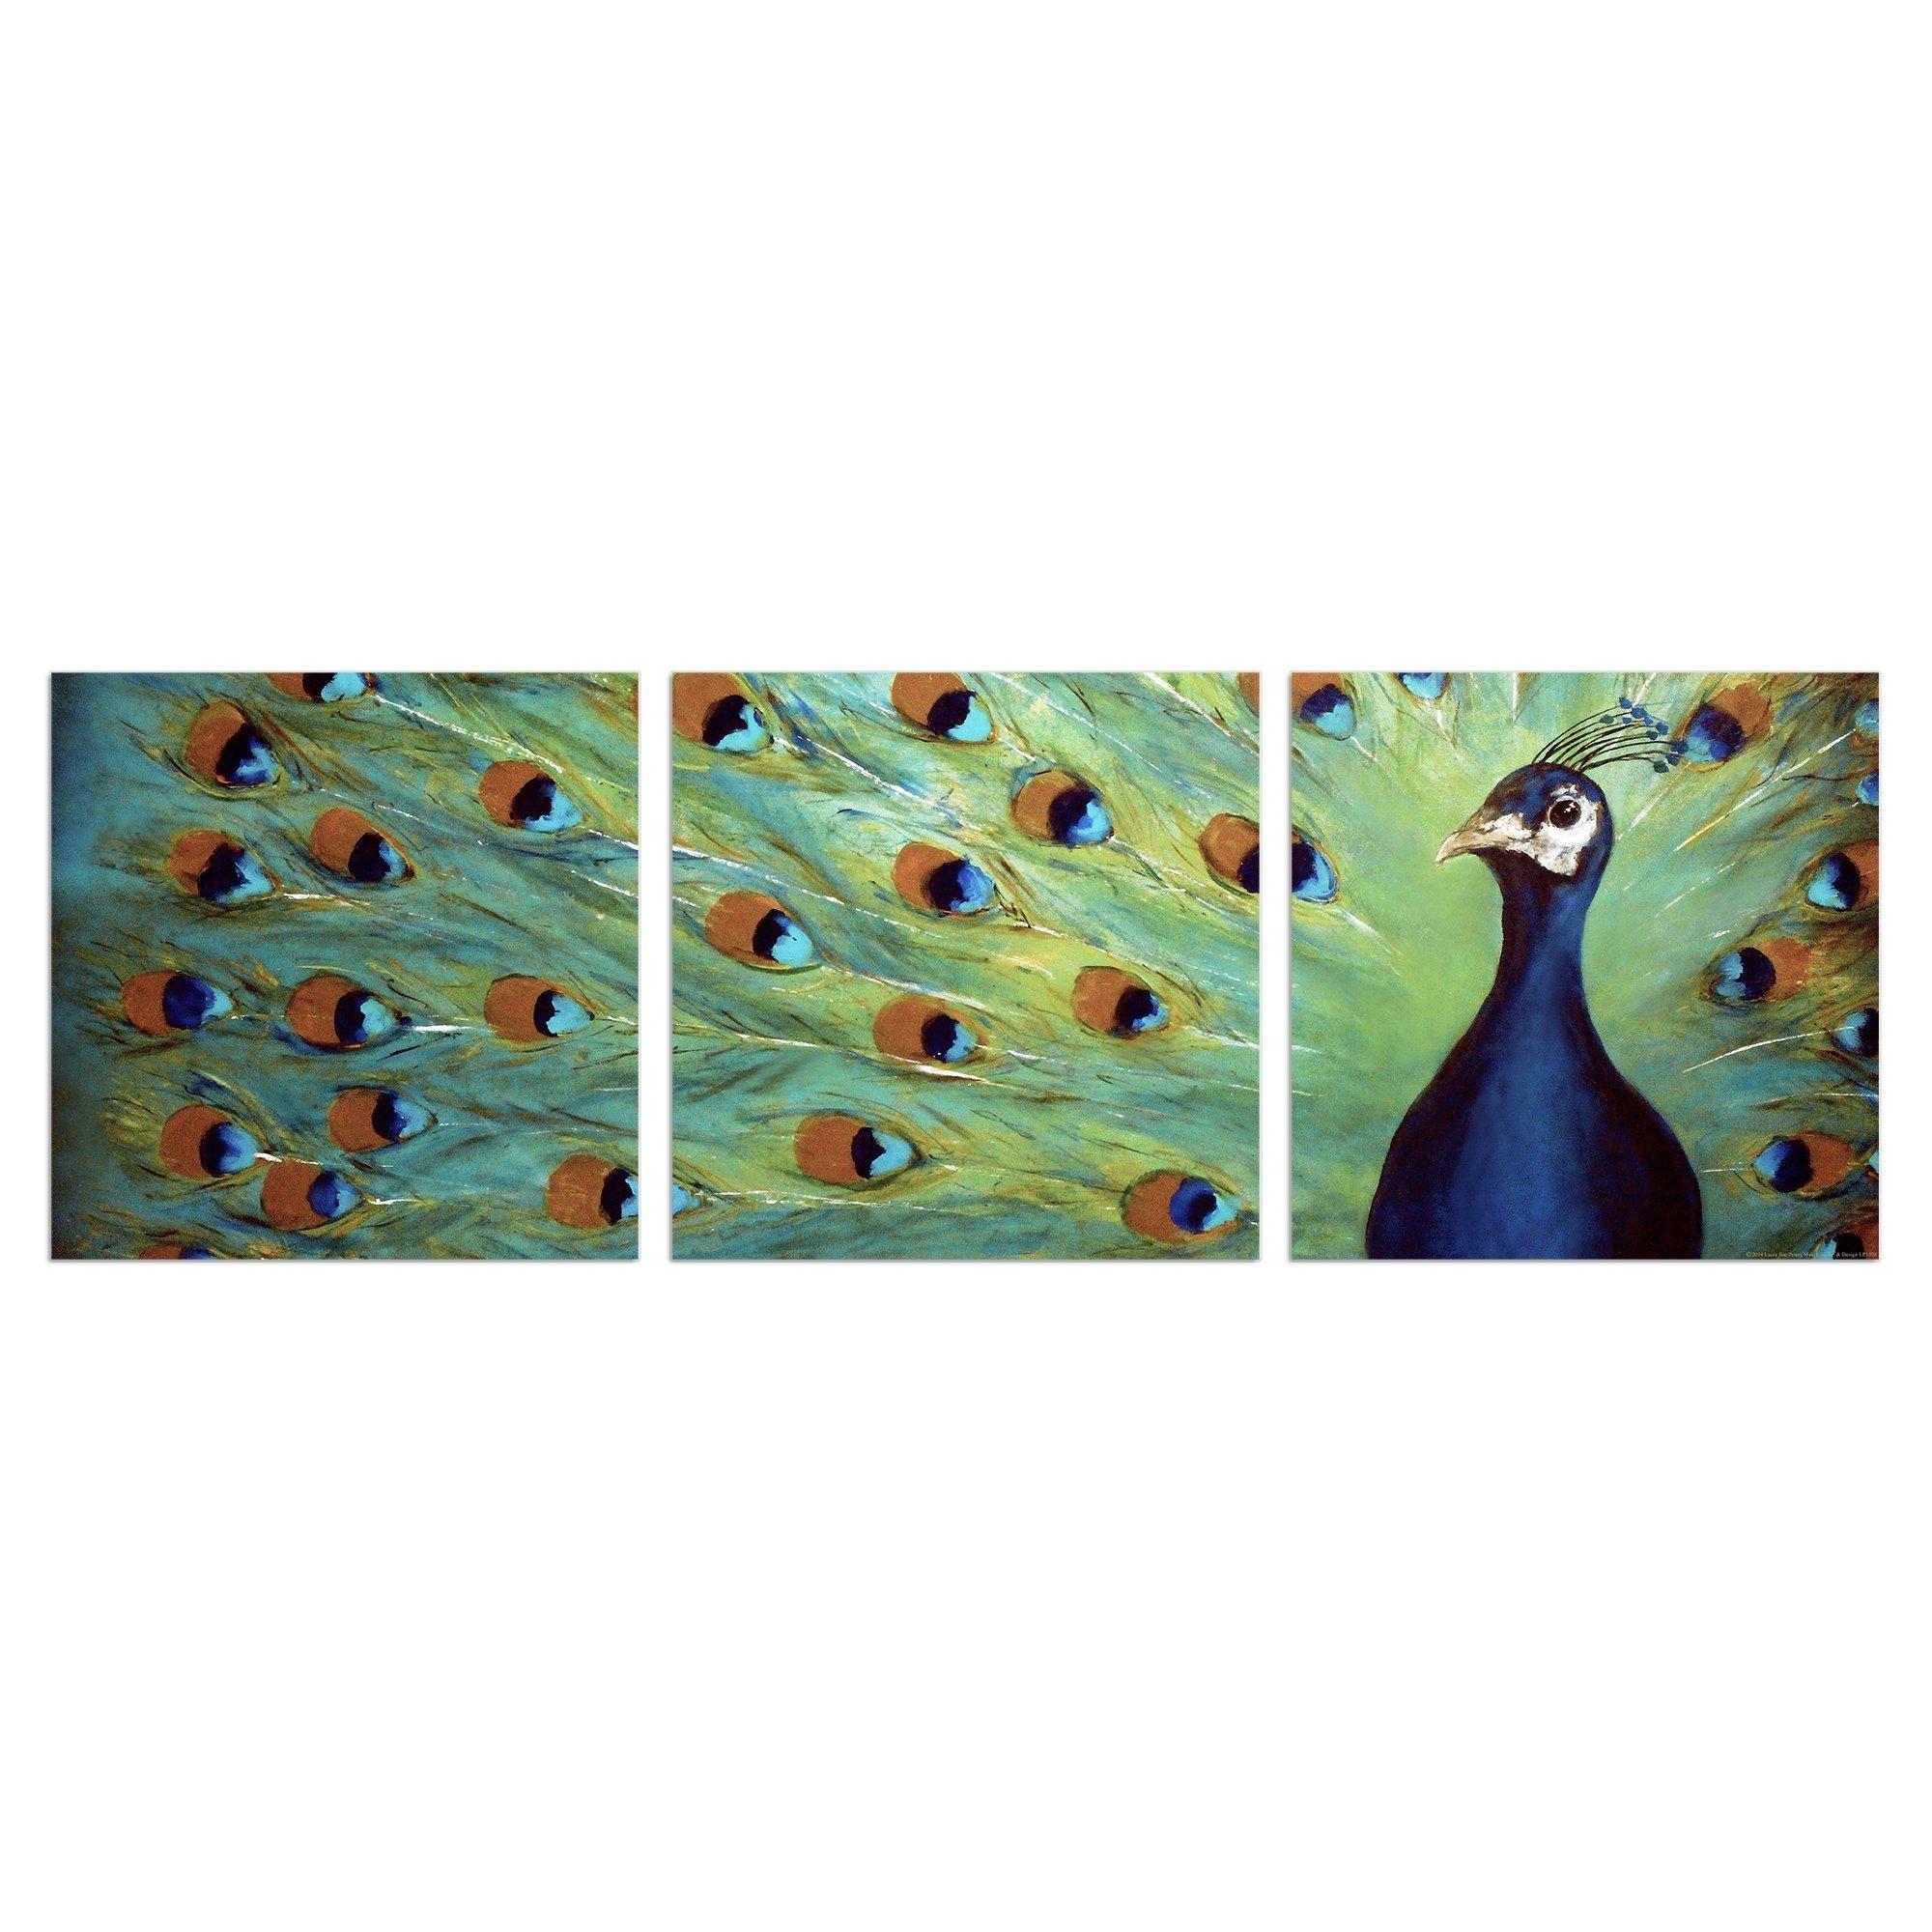 3 Piece Canvas Wall Art | Roselawnlutheran inside 3-Pc Canvas Wall Art Sets